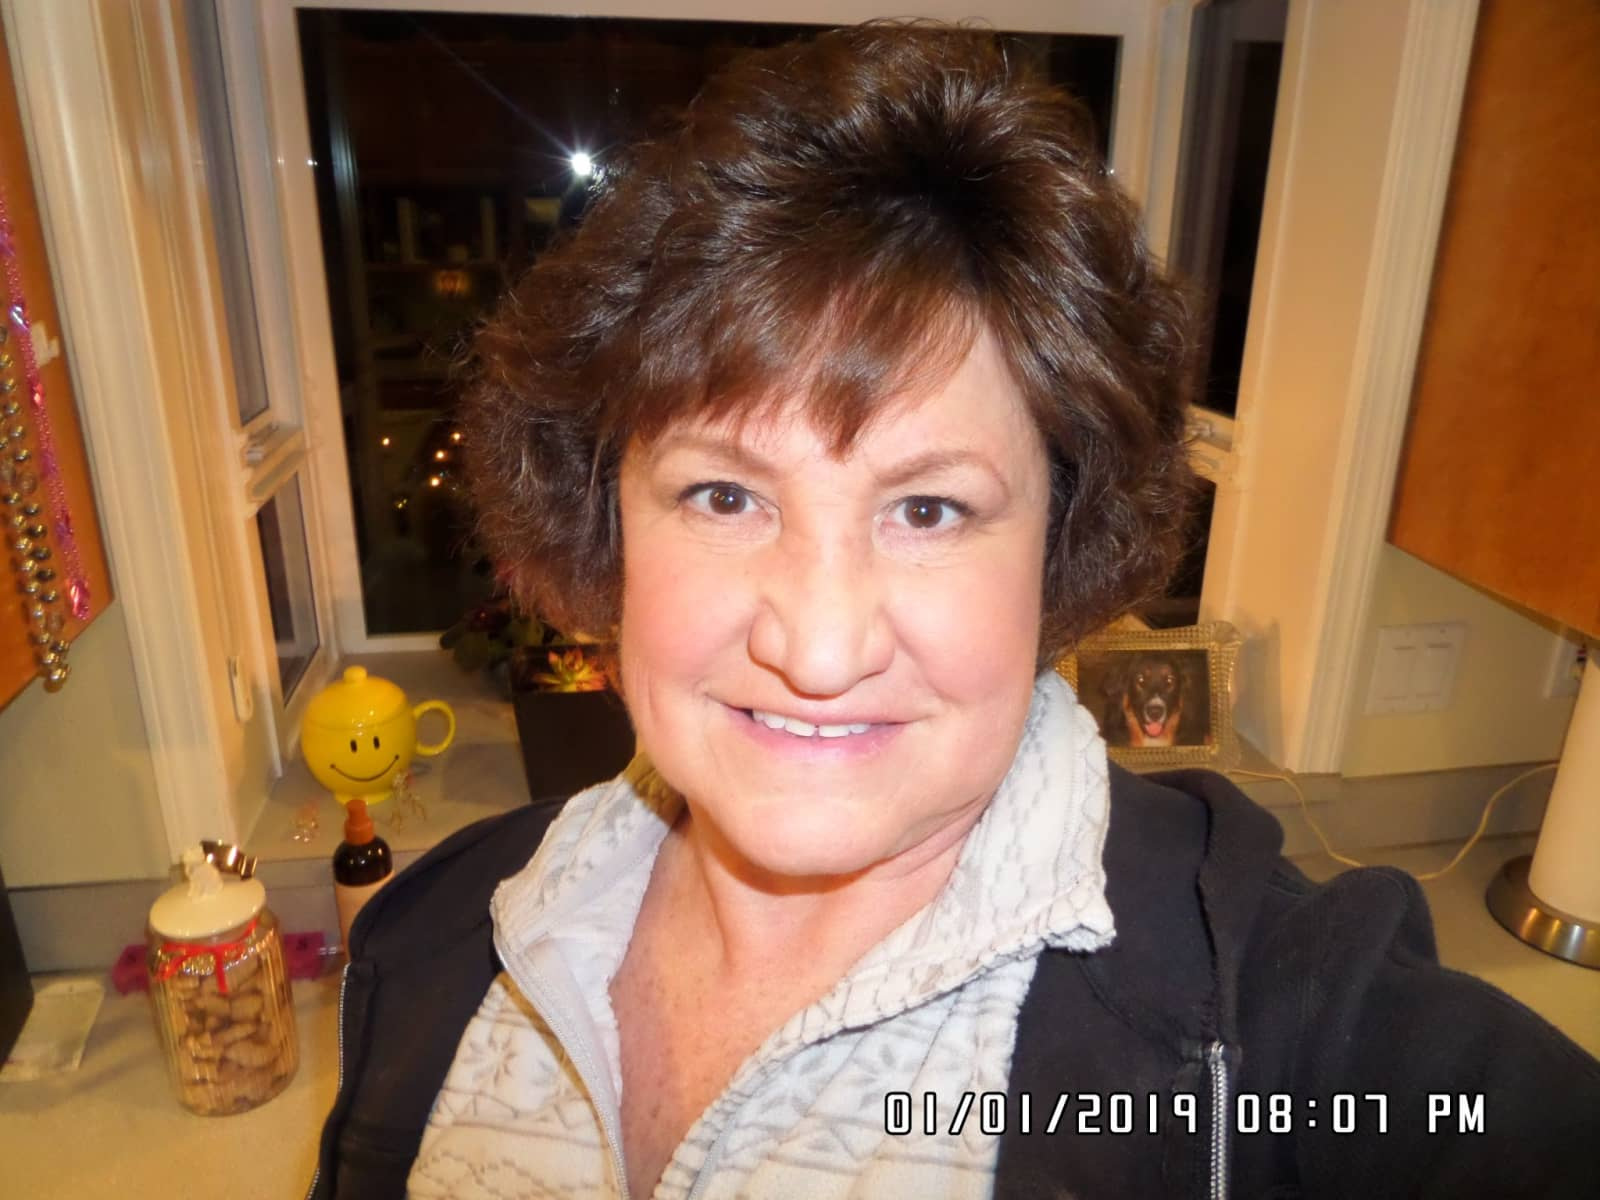 Barbara from Port Orchard, Washington, United States